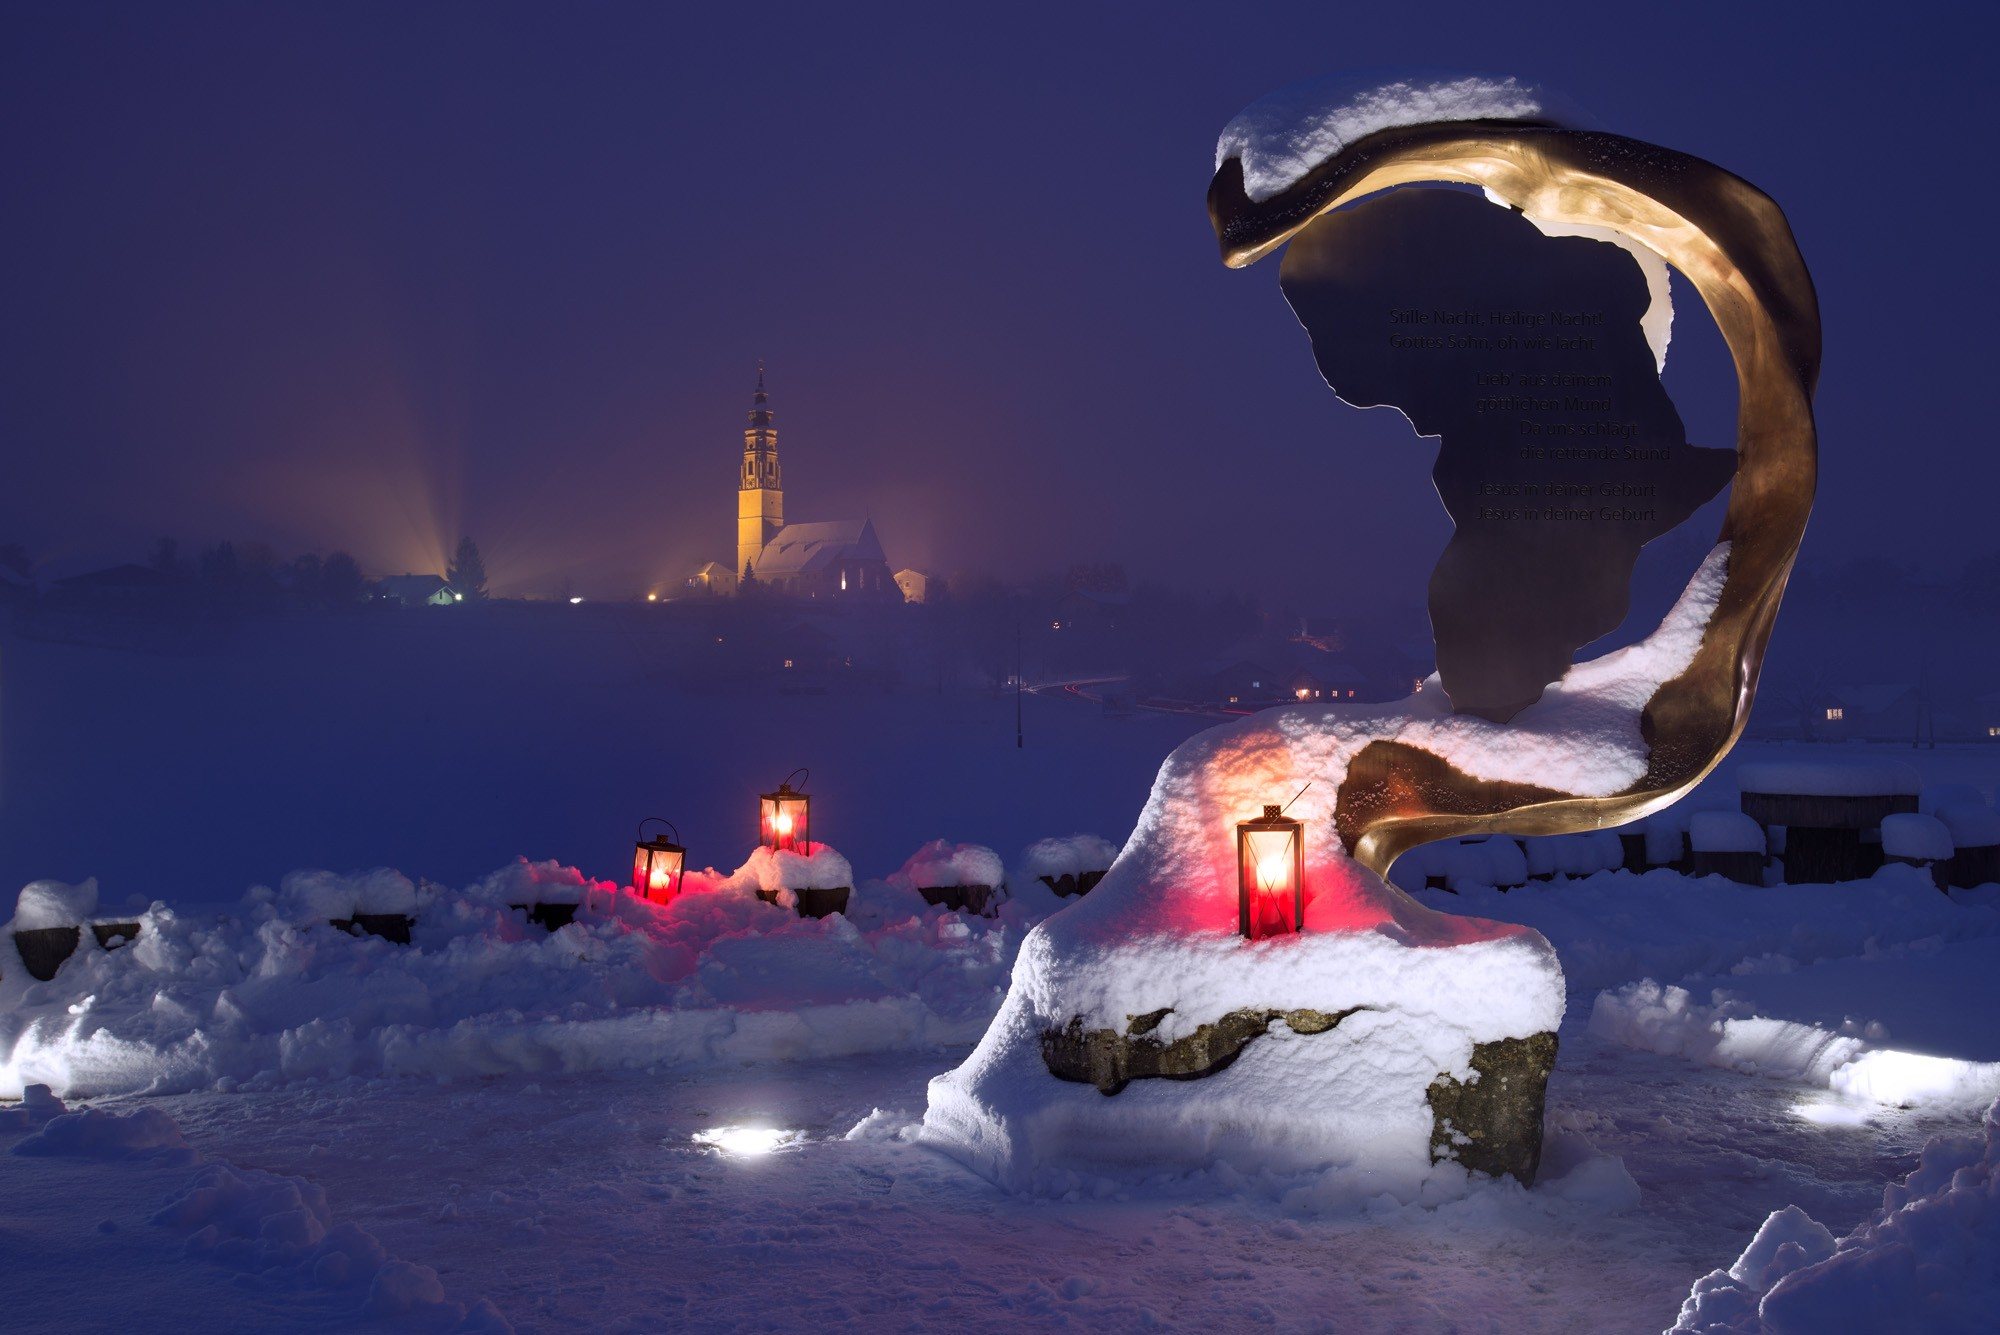 Verschneite Landschaft, Nachtstimmung, Kerze, Kirche im Hintergrund